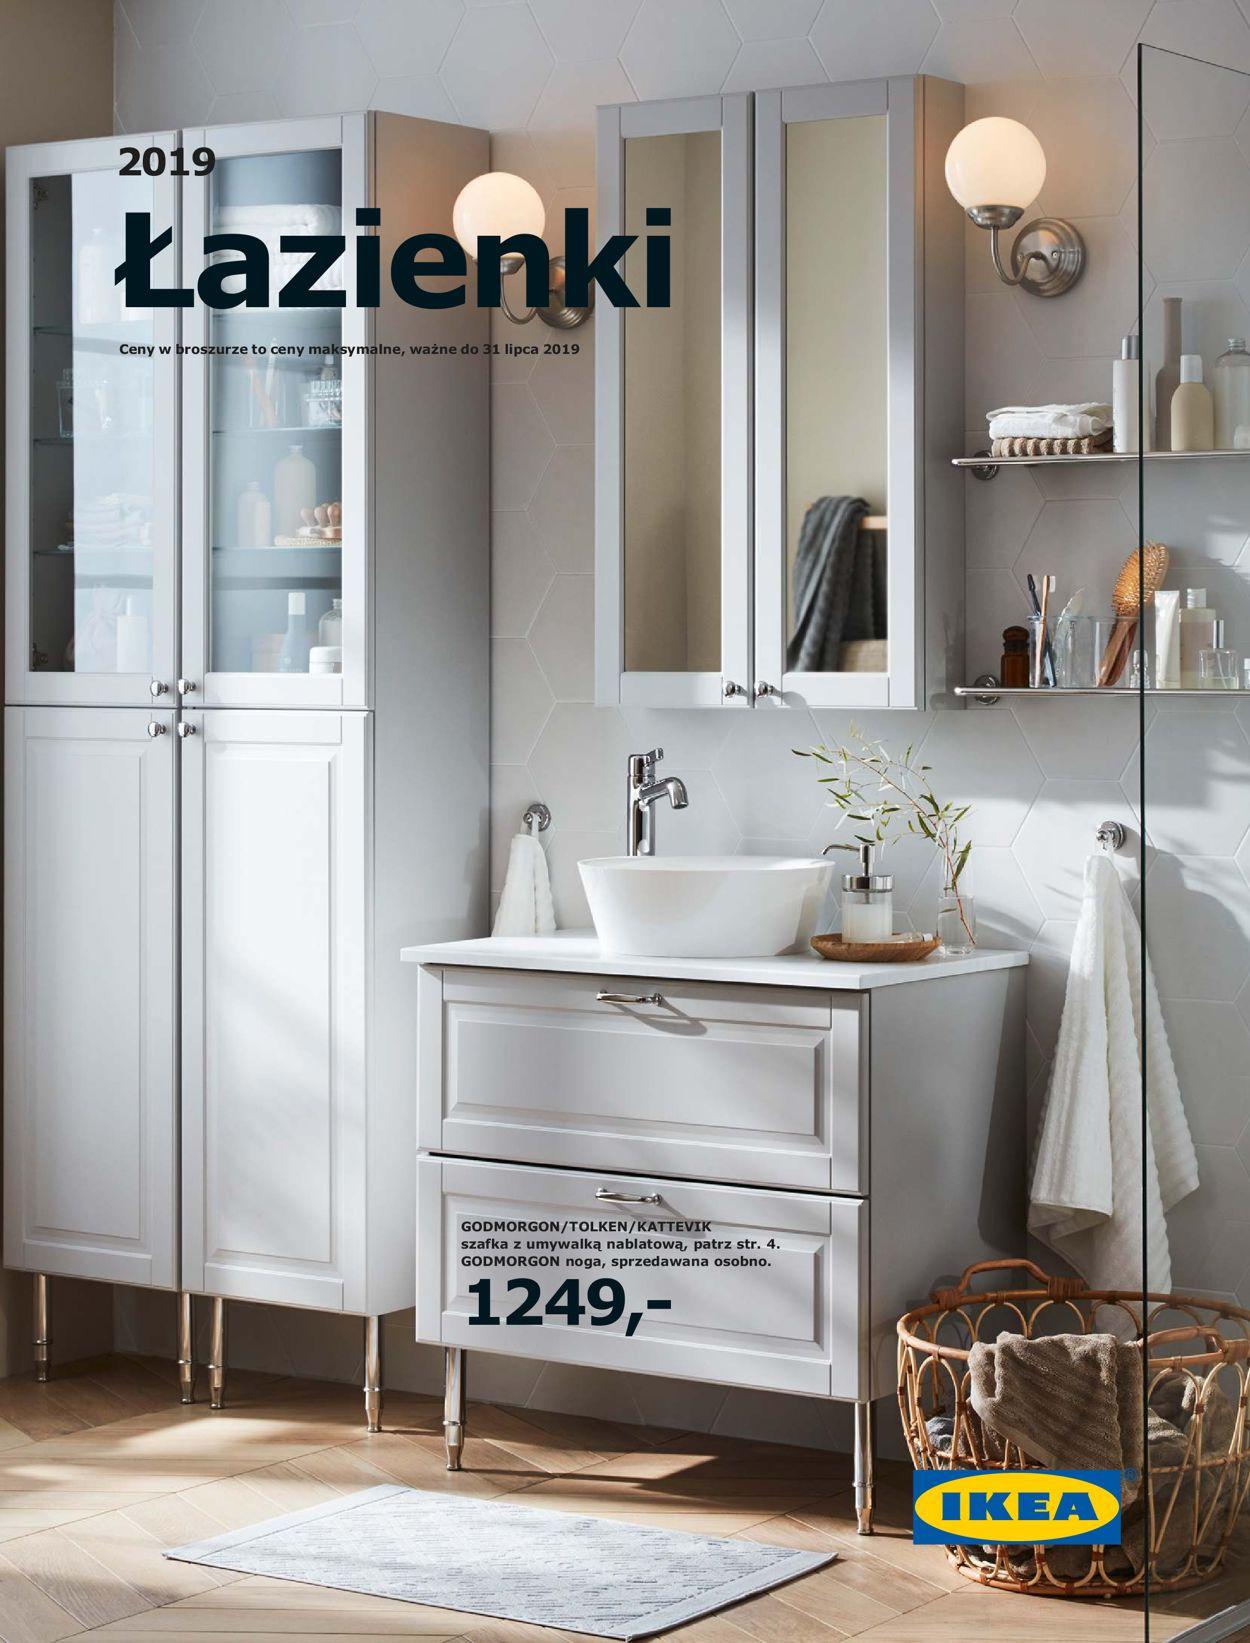 Gazetka promocyjna IKEA - 01.01-31.07.2019